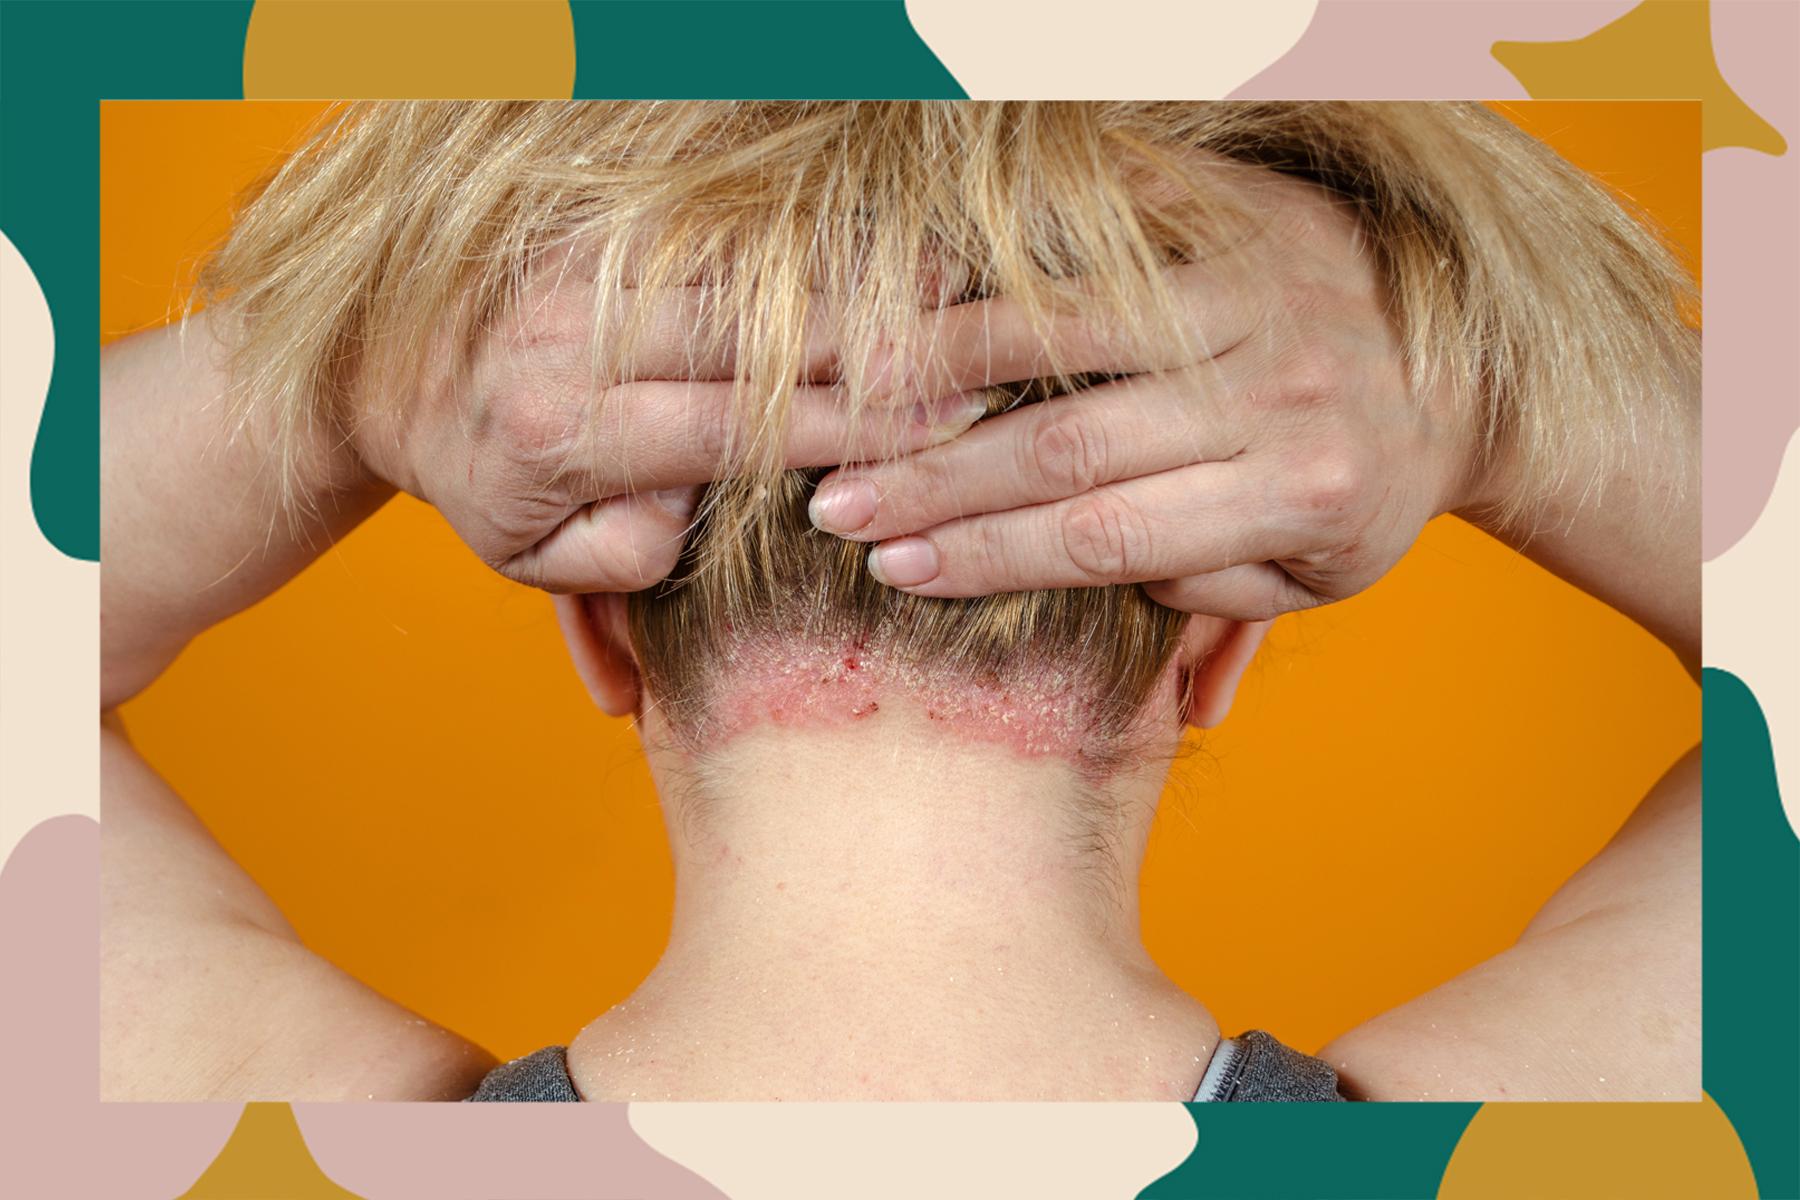 psoriasis skincare routine